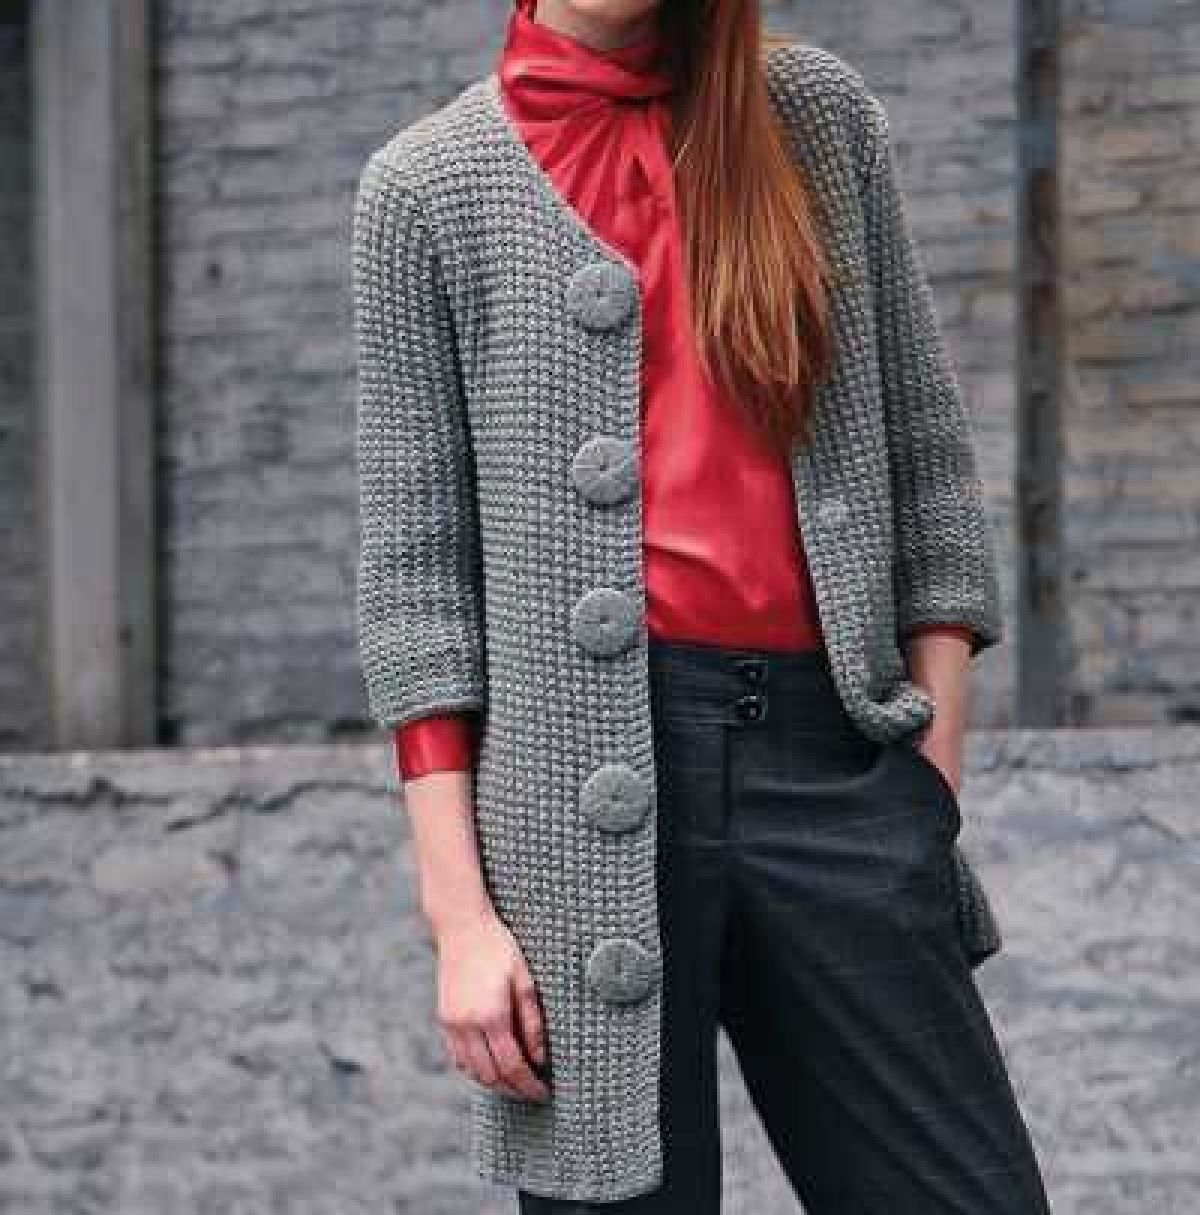 Bayan Uzun Hirka Modelleri Ve Fiyatlari Orgu Bayan Uzun Hirka Sweaters Cardigan Cozy Sweaters